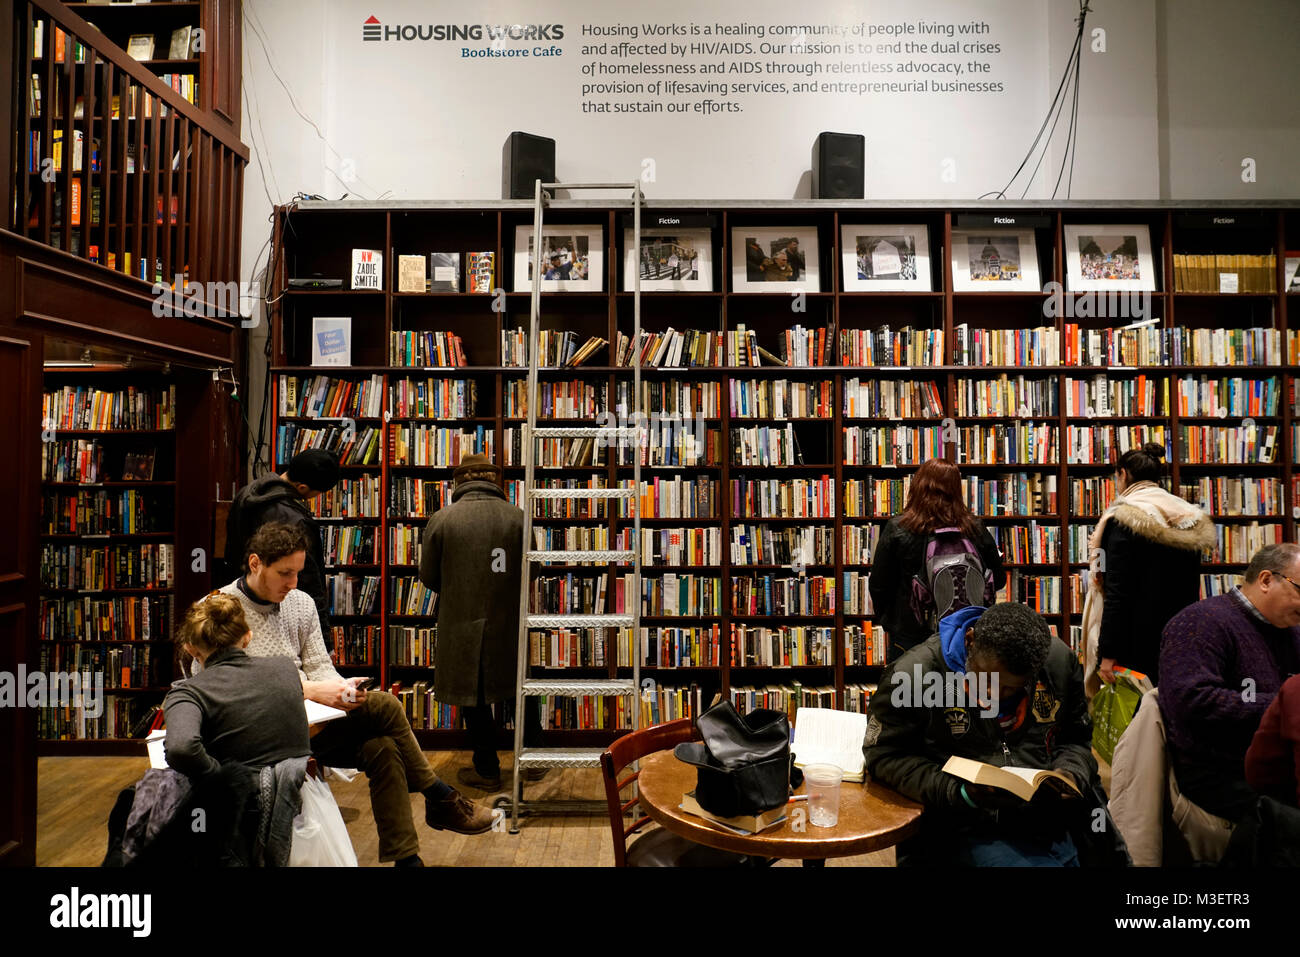 Interior View Housing Works Bookstore Cafe.Soho.Manhattan.New York City.USA